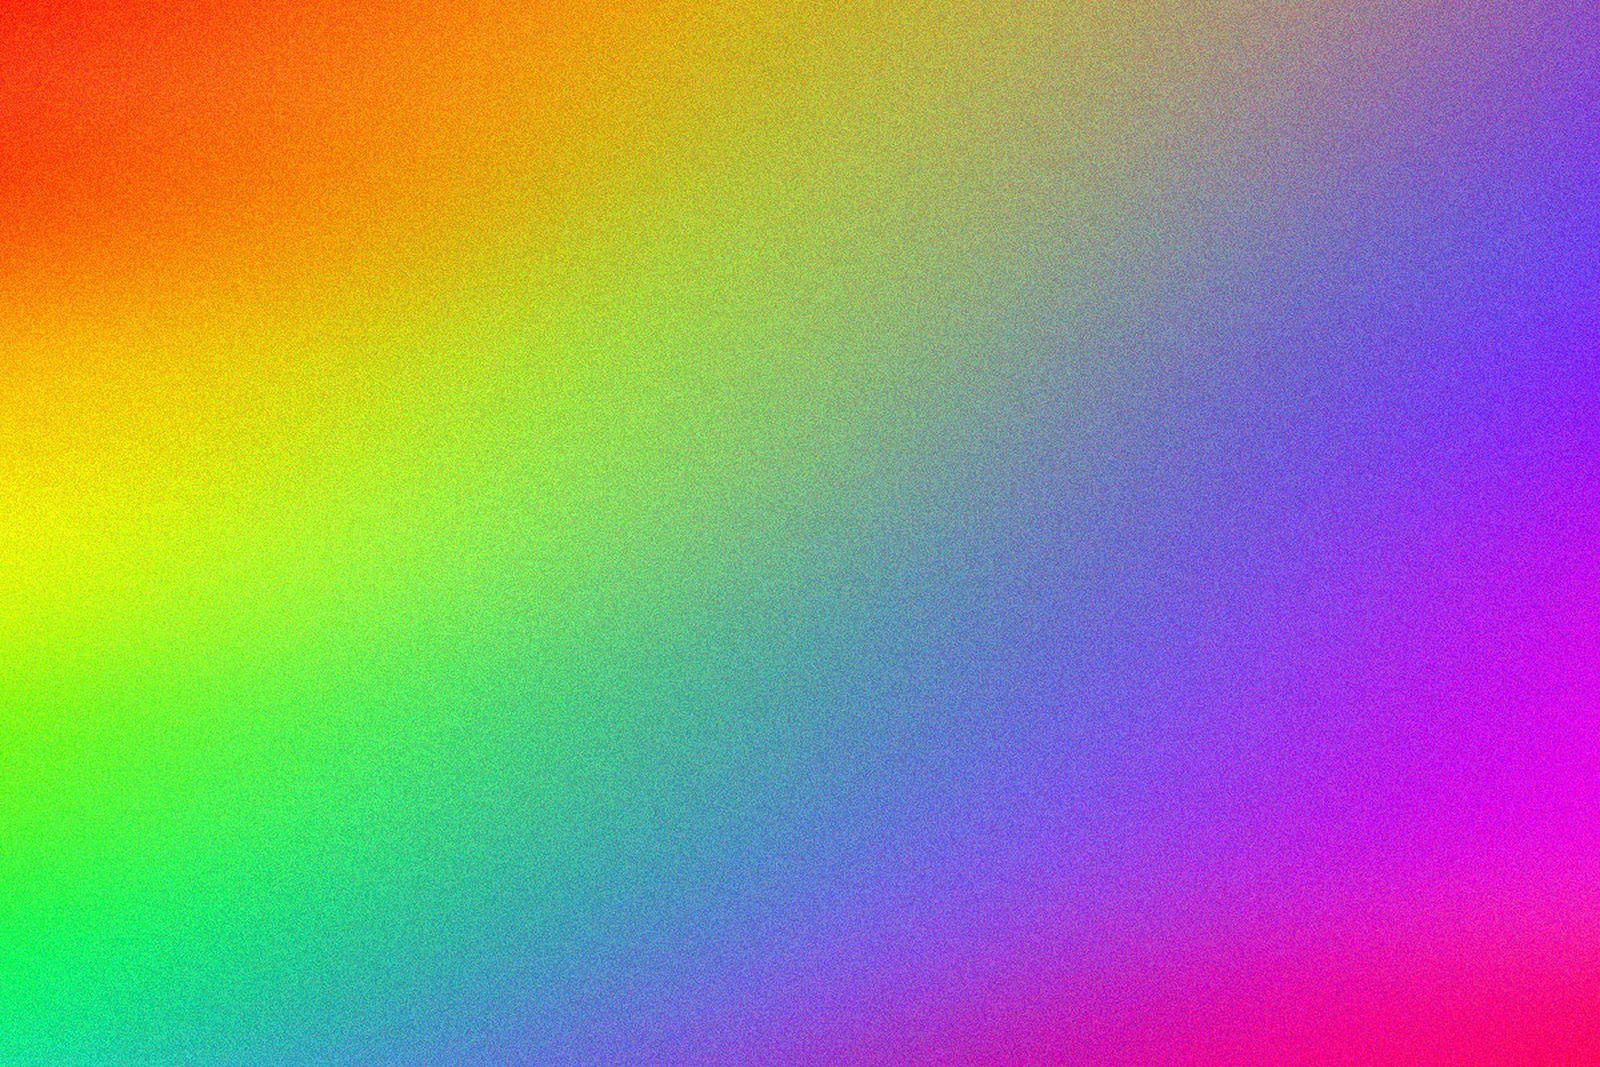 pride main identity & representation